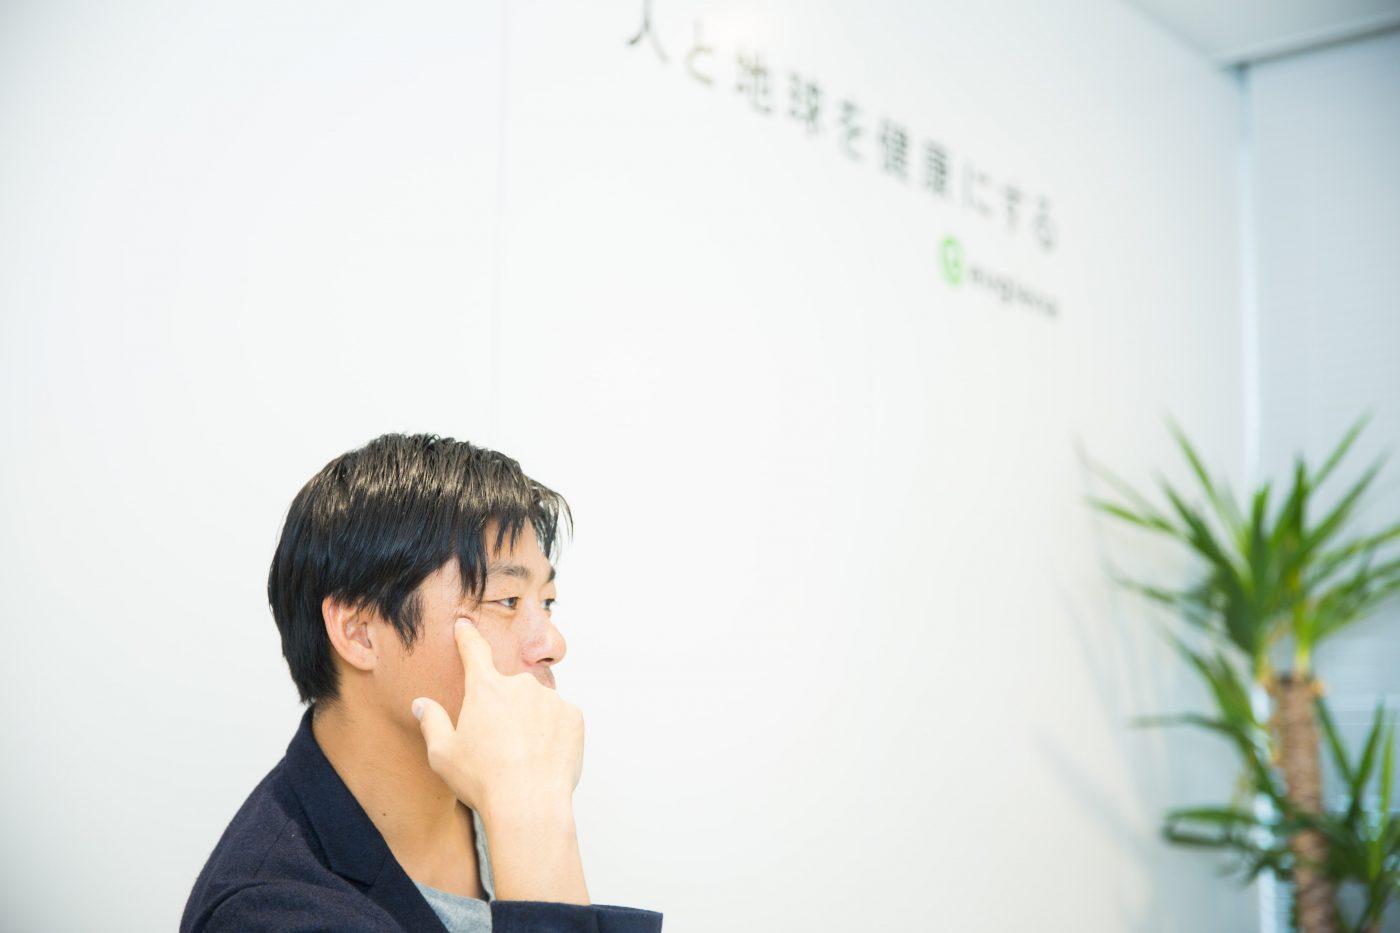 ファンドでの投資経験を経て、永田氏はユーグレナにジョインする。理由は、前職で投資先としてユーグレナと深くつながりを持っていたこと。そして、永田氏がジョインすることで、ユーグレナがグロースする見込みがあったからだという。